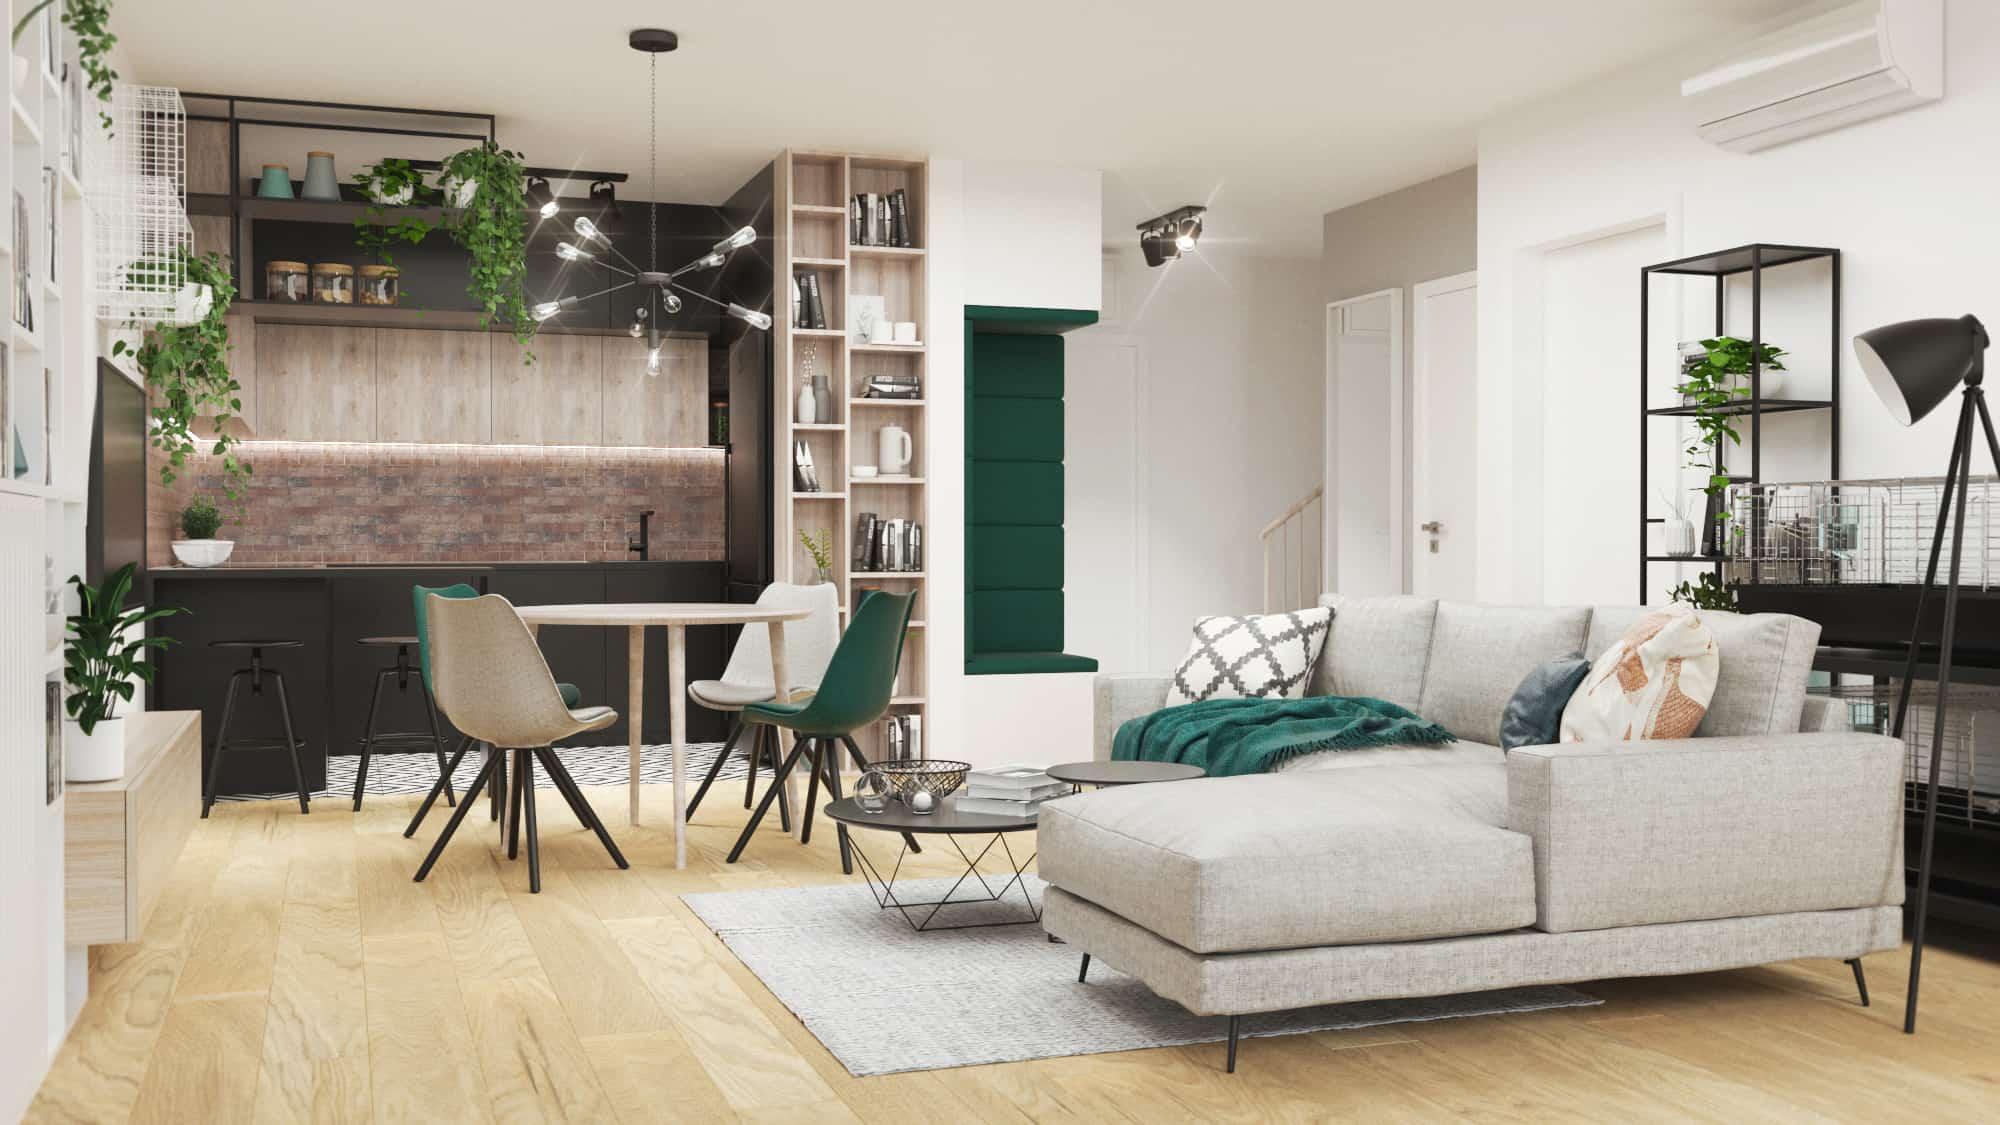 salon z otwarta kuchnia, industrialne mieszkanie